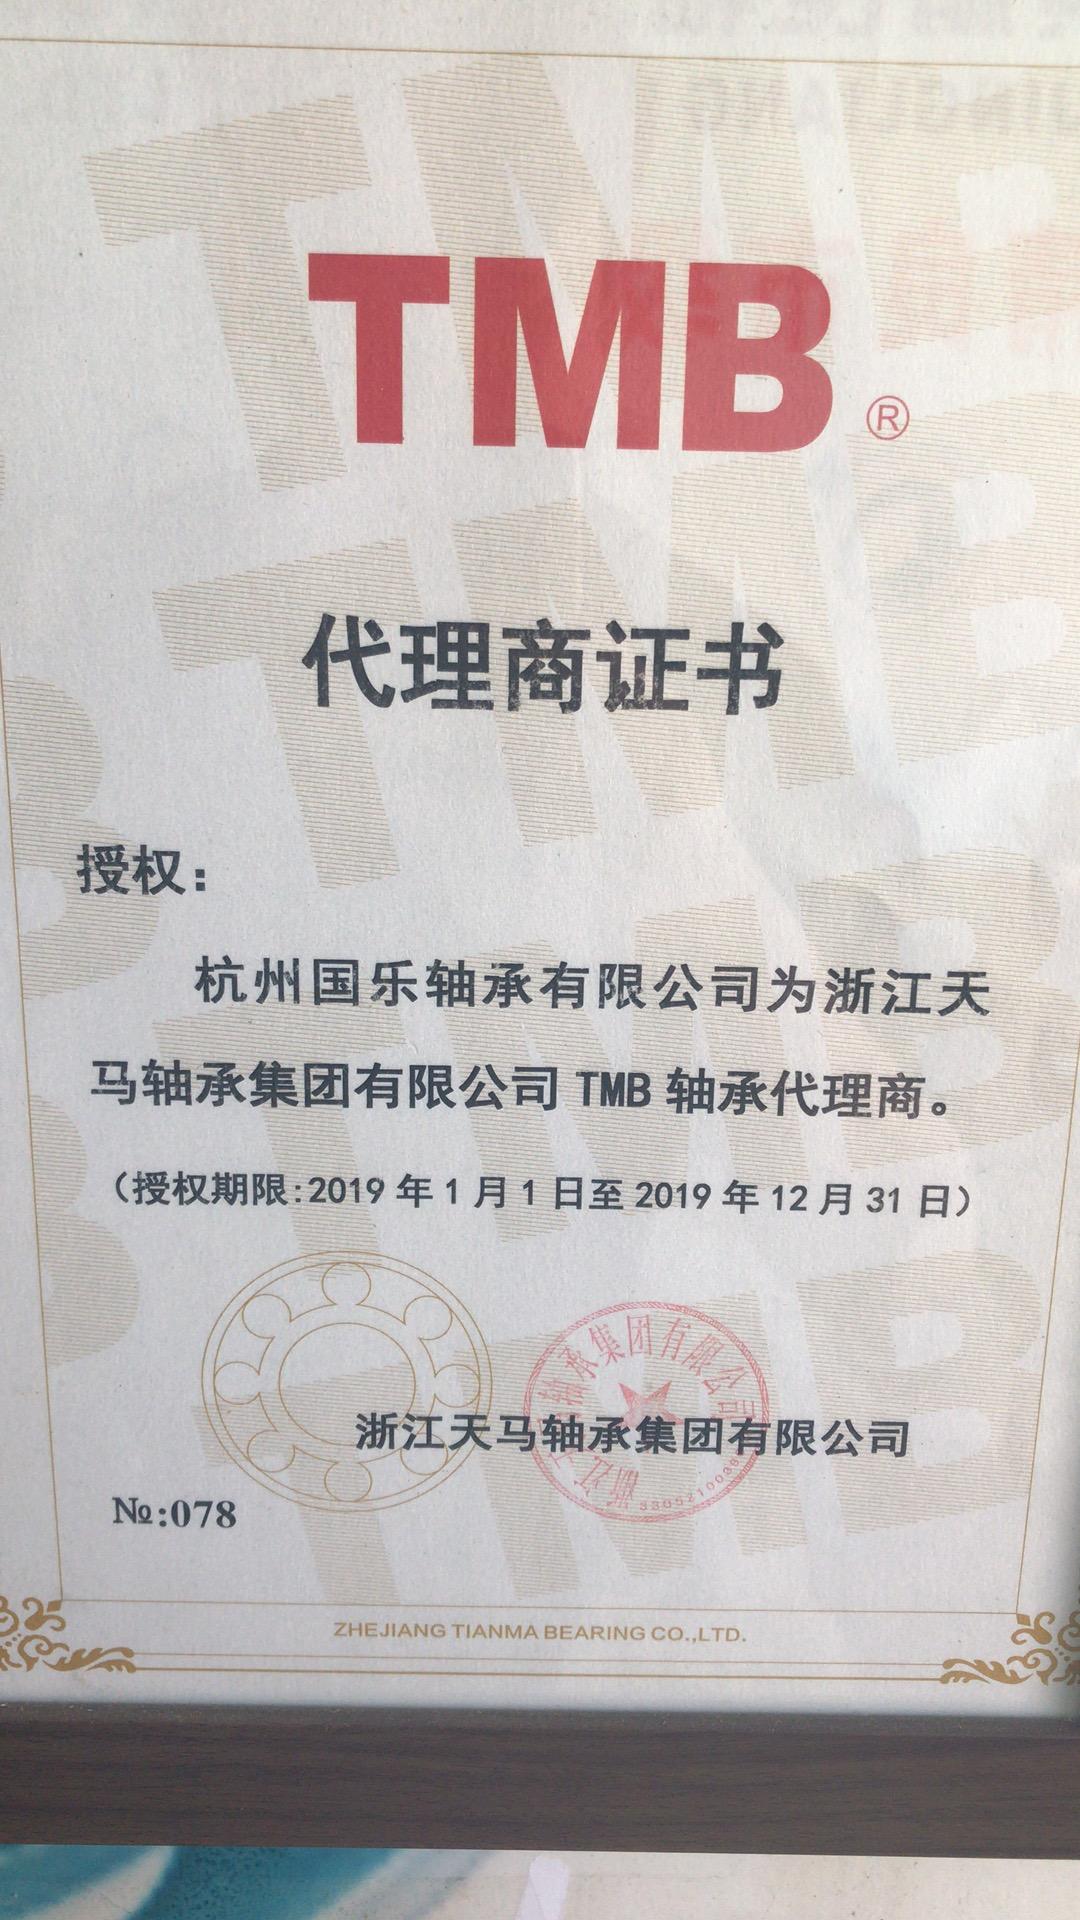 2019TMB授权证书